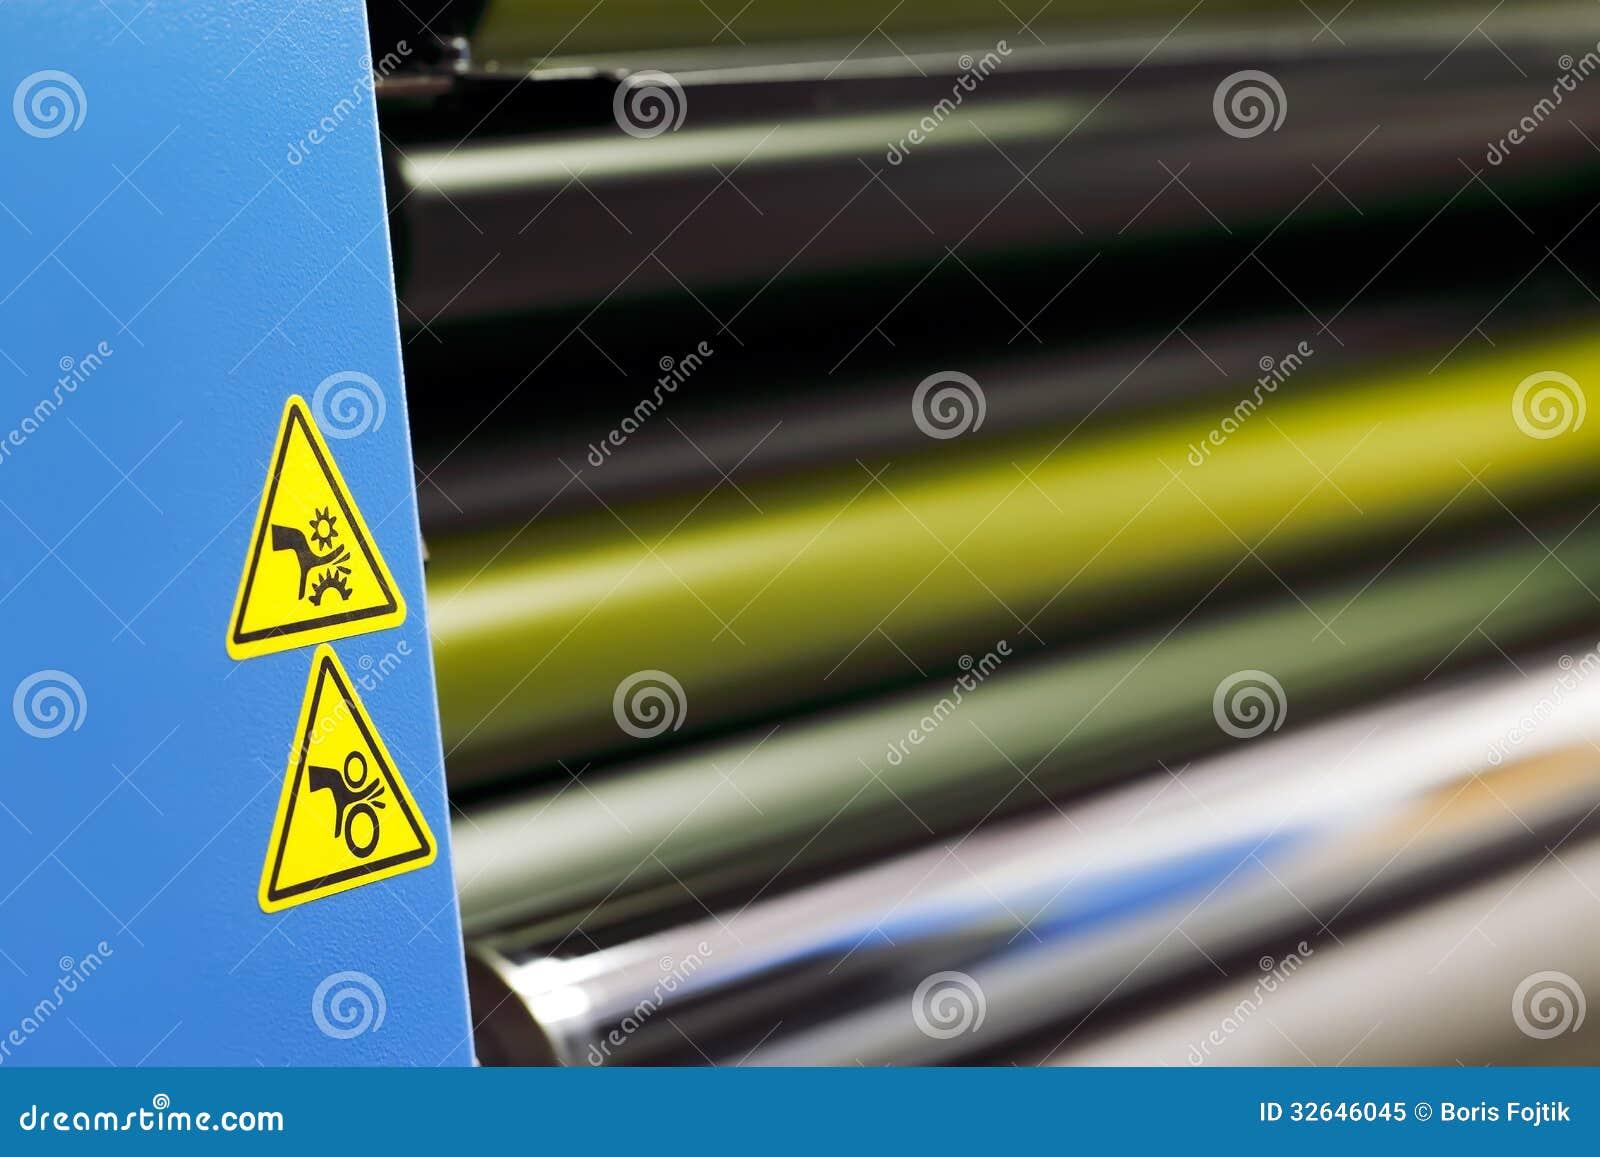 Hazard and safety symbols stock image image of dangerous 32646045 hazard and safety symbols royalty free stock photo buycottarizona